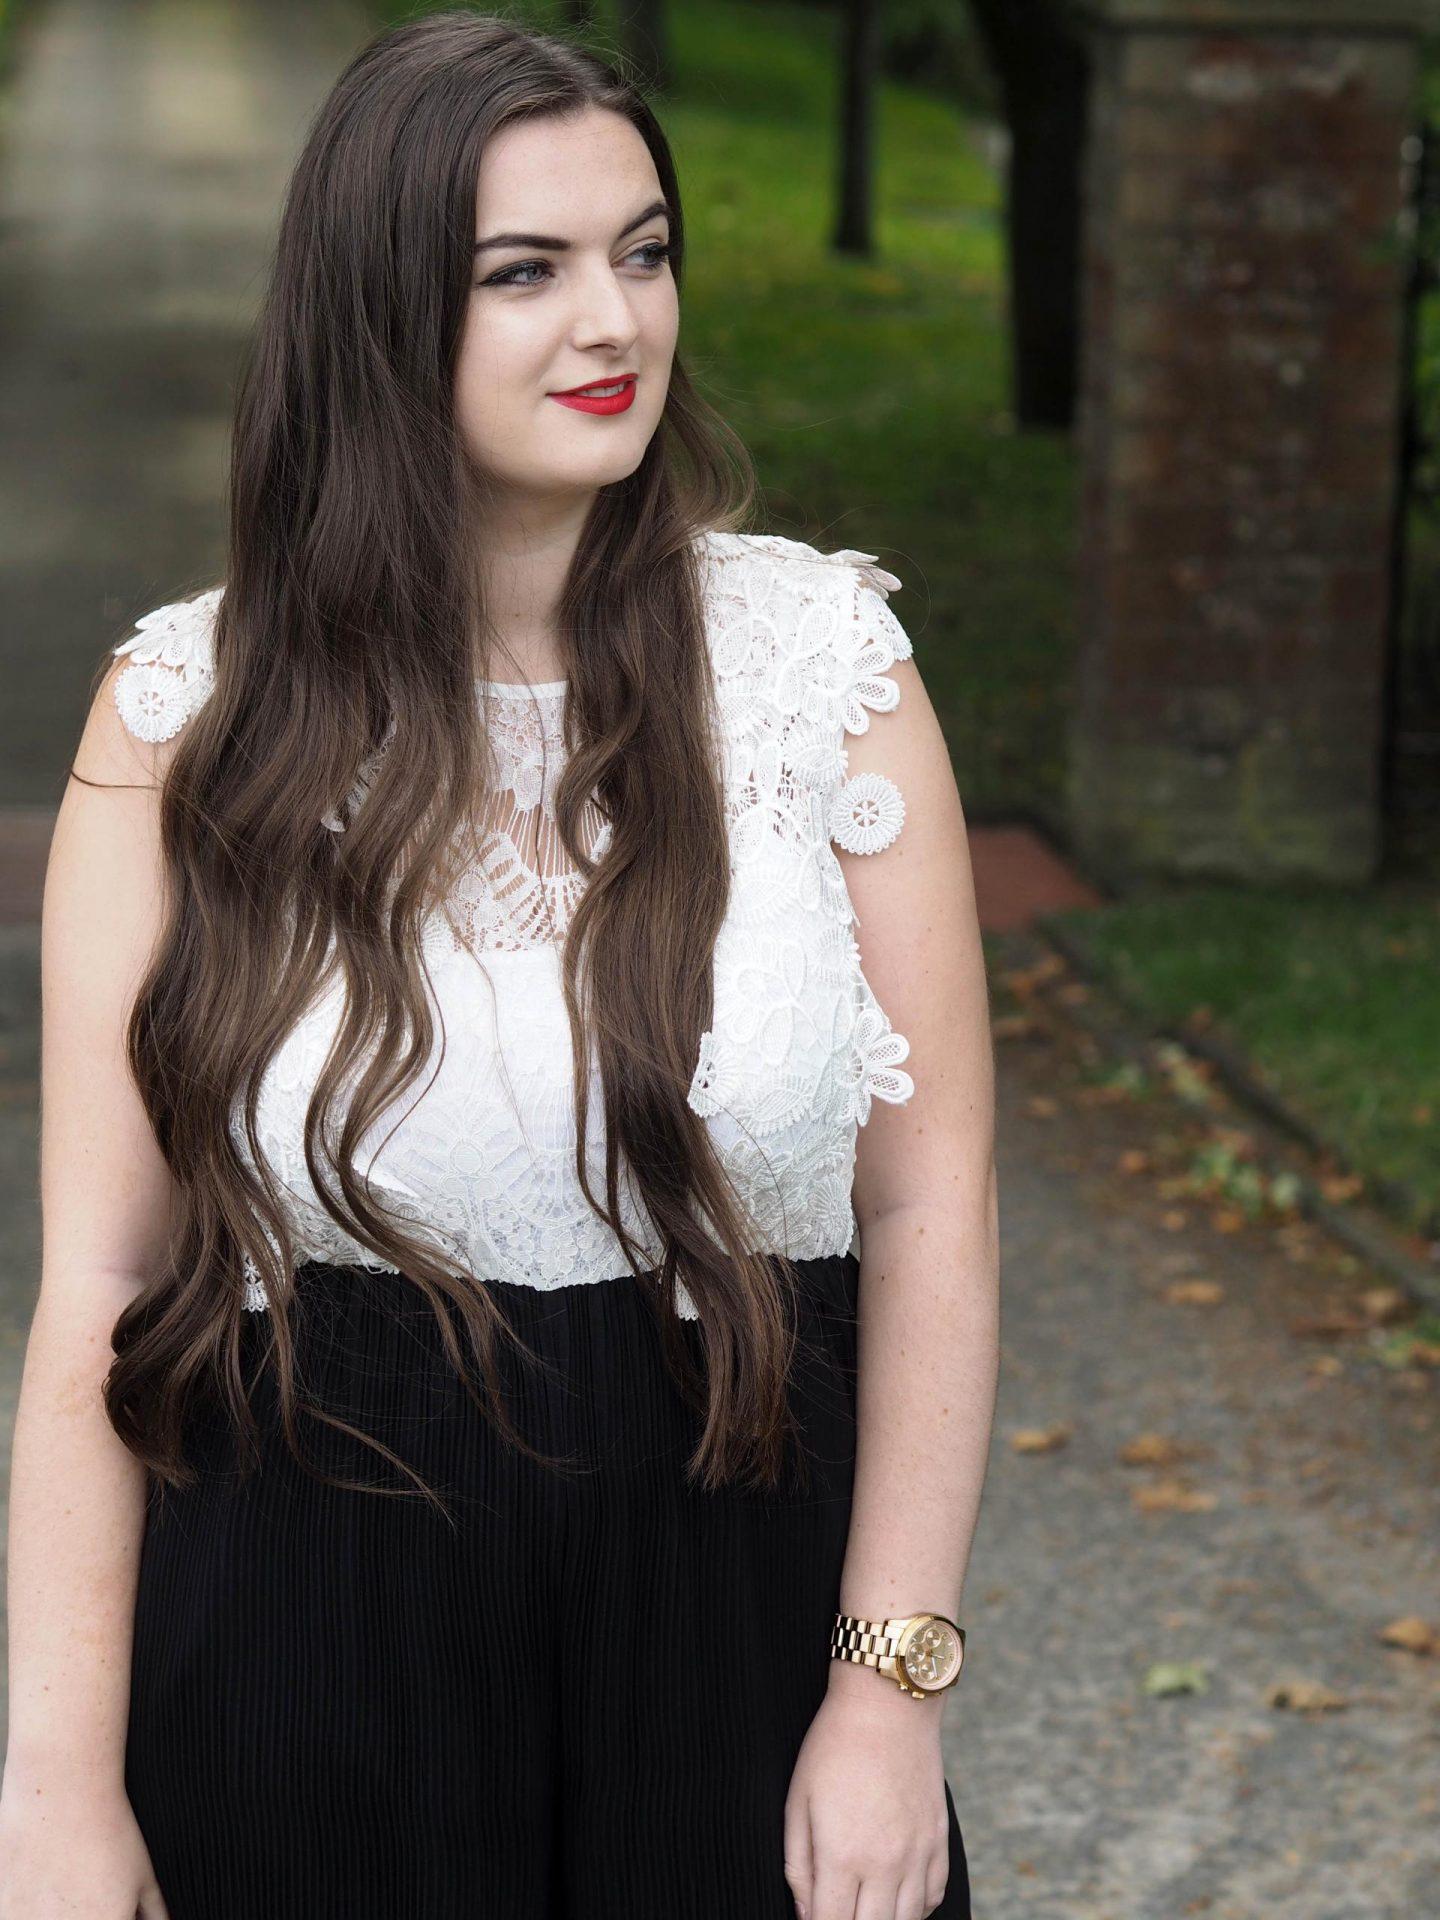 the-delphine-jumpsuit-by-dahlia-rachel-nicole-uk-fashion-blogger-3